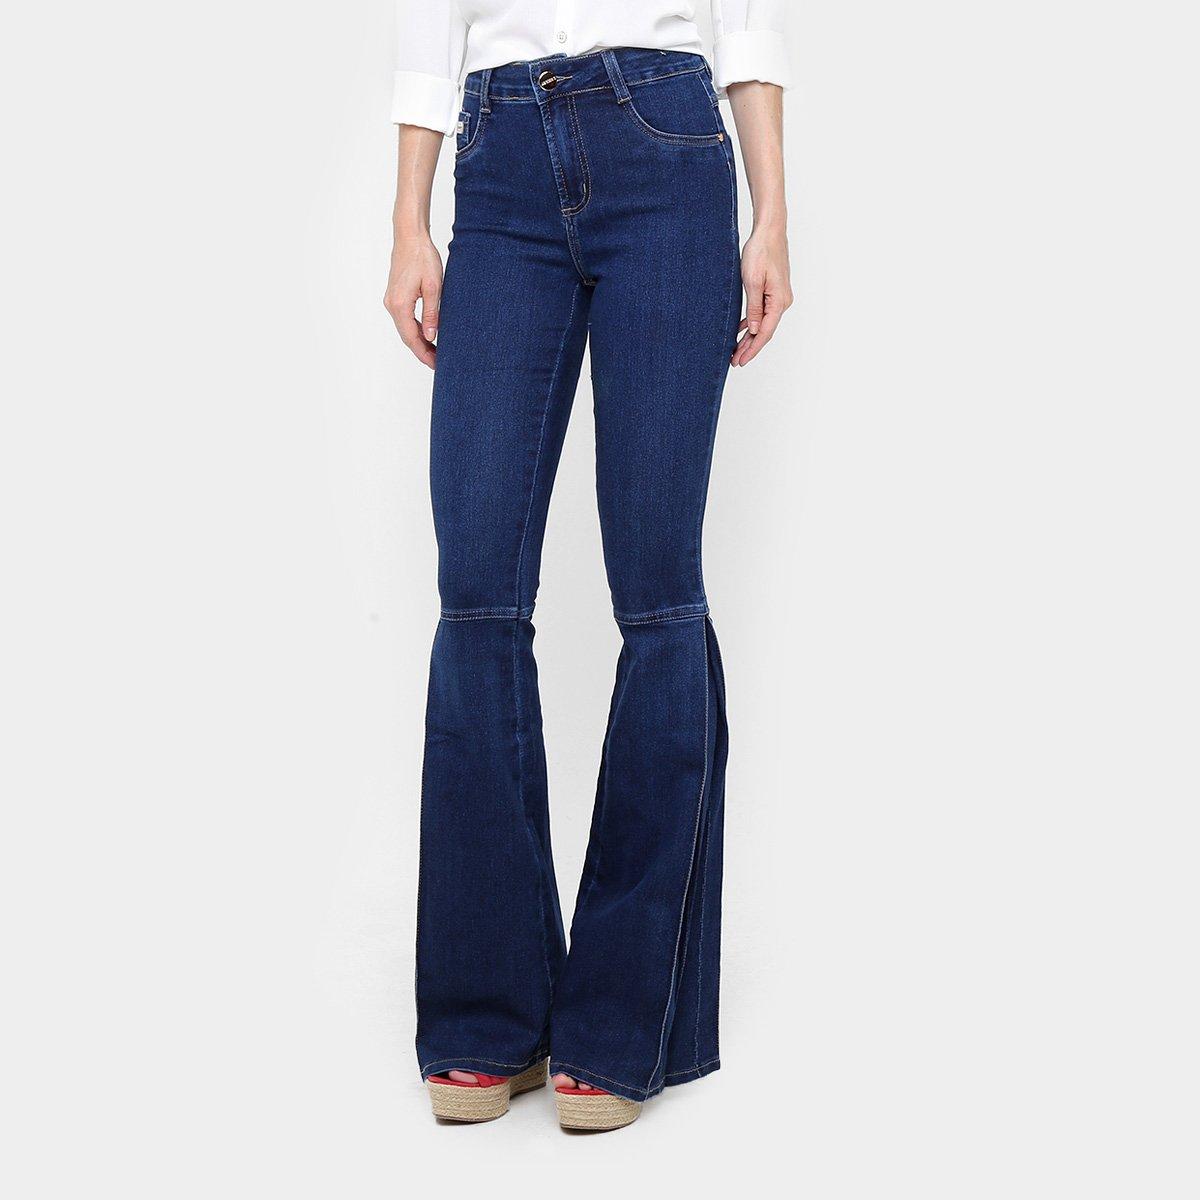 c1dbb41ab Calça Jeans Flare Sawary Recorte Cintura Alta Feminina | Livelo -Sua ...